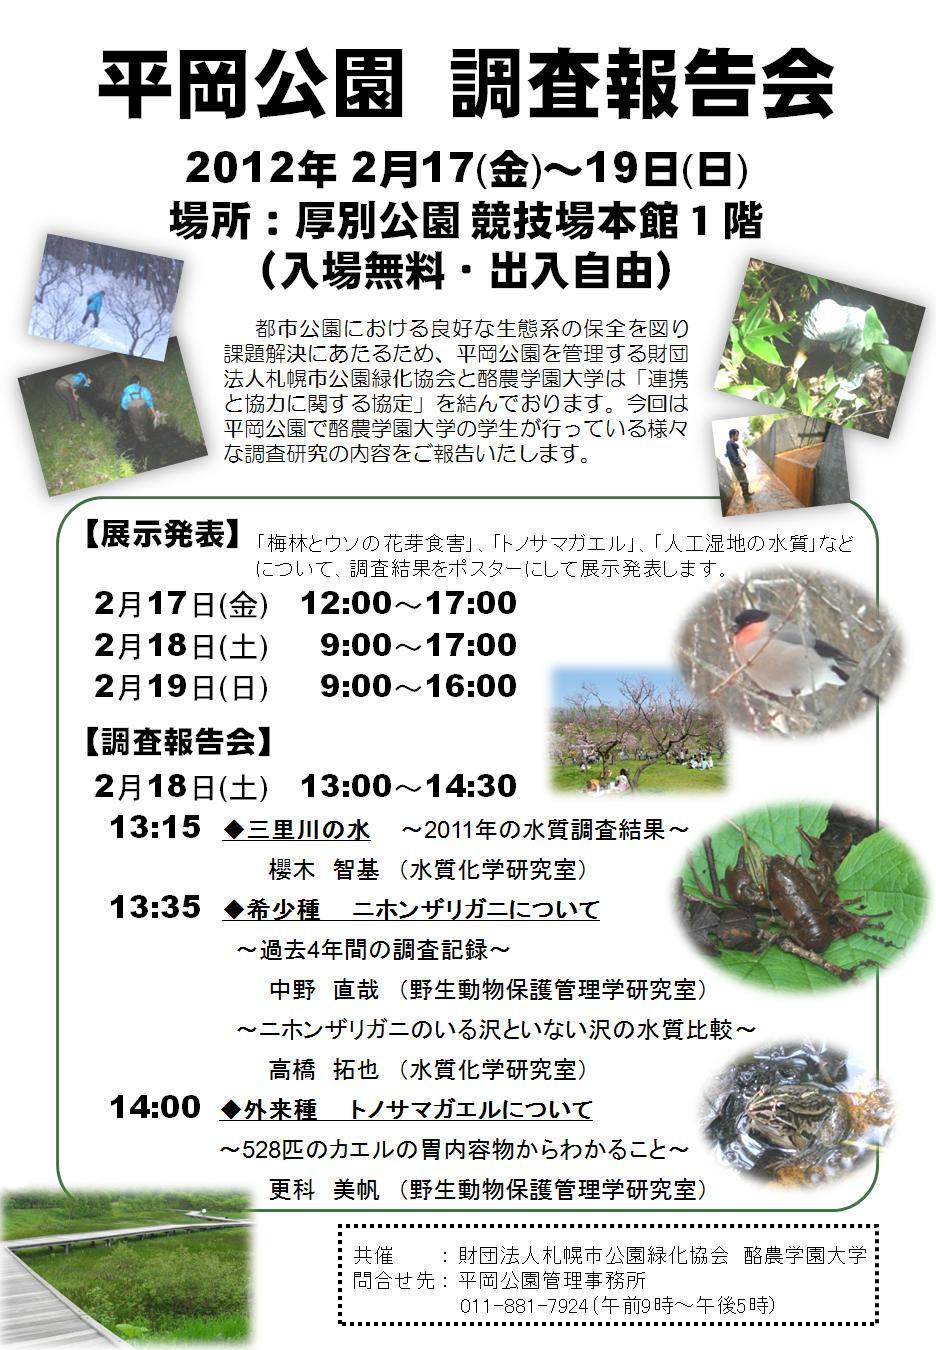 平岡公園のいきもの・水質 調査報告会